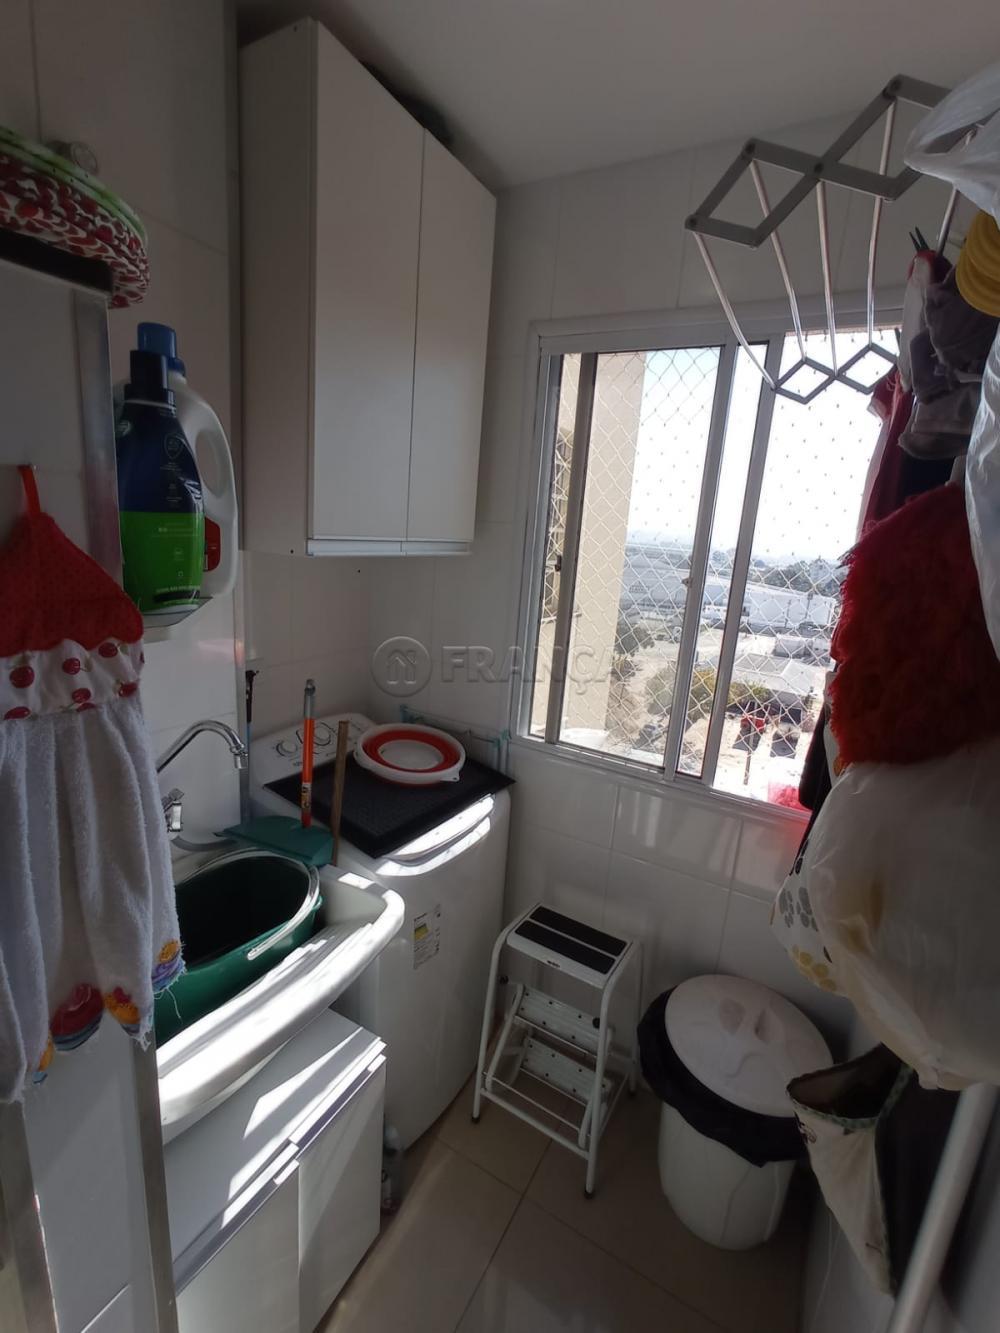 Alugar Apartamento / Padrão em Jacareí R$ 1.200,00 - Foto 14